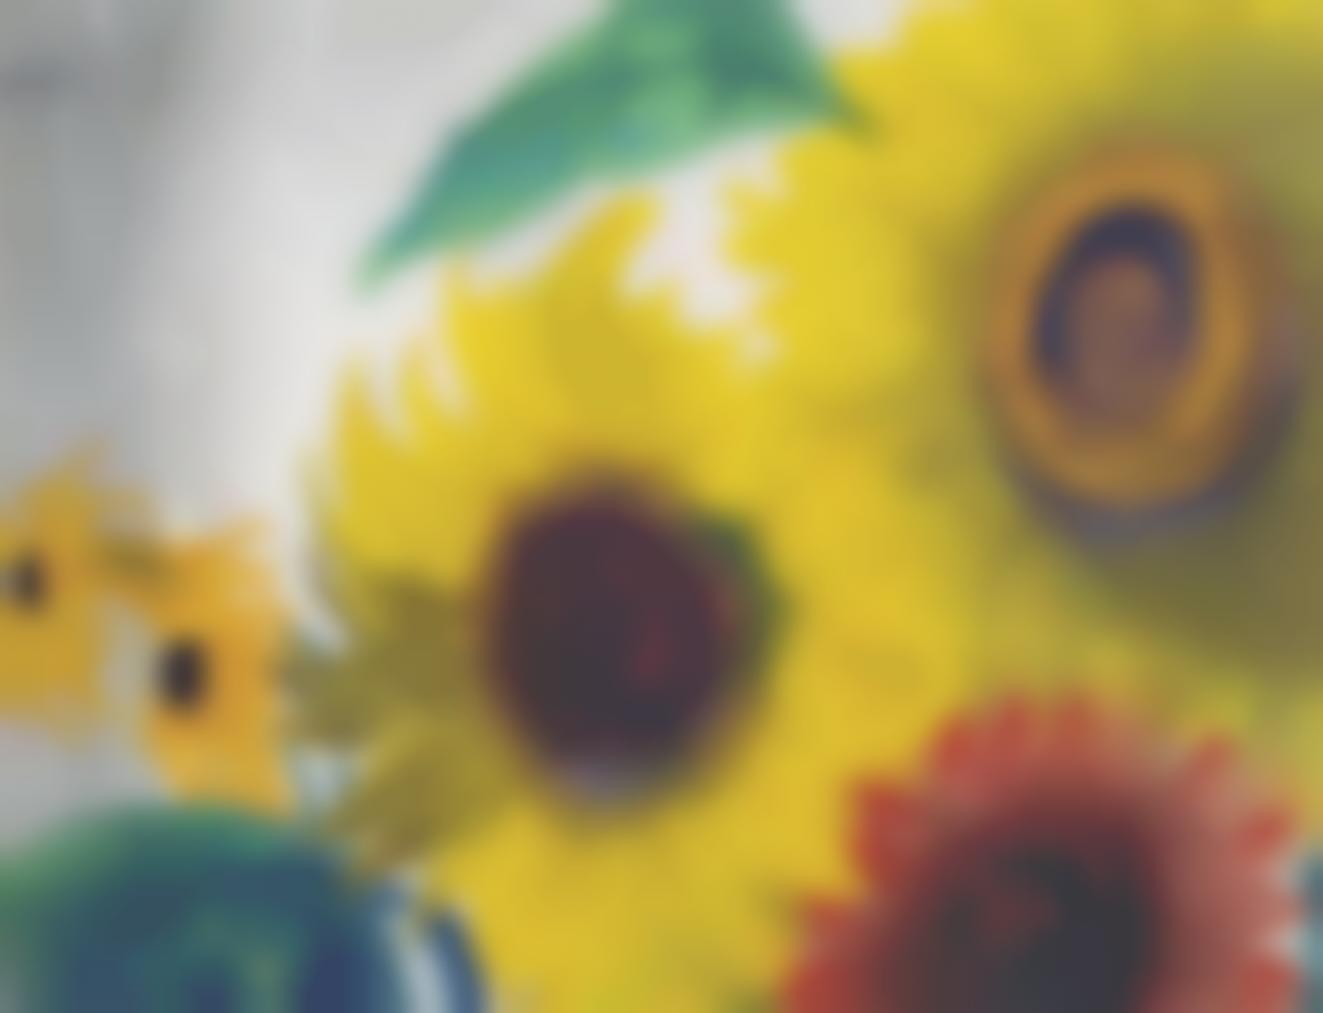 Emil Nolde-Gelbe Und Rote Sonnenblumen-1940